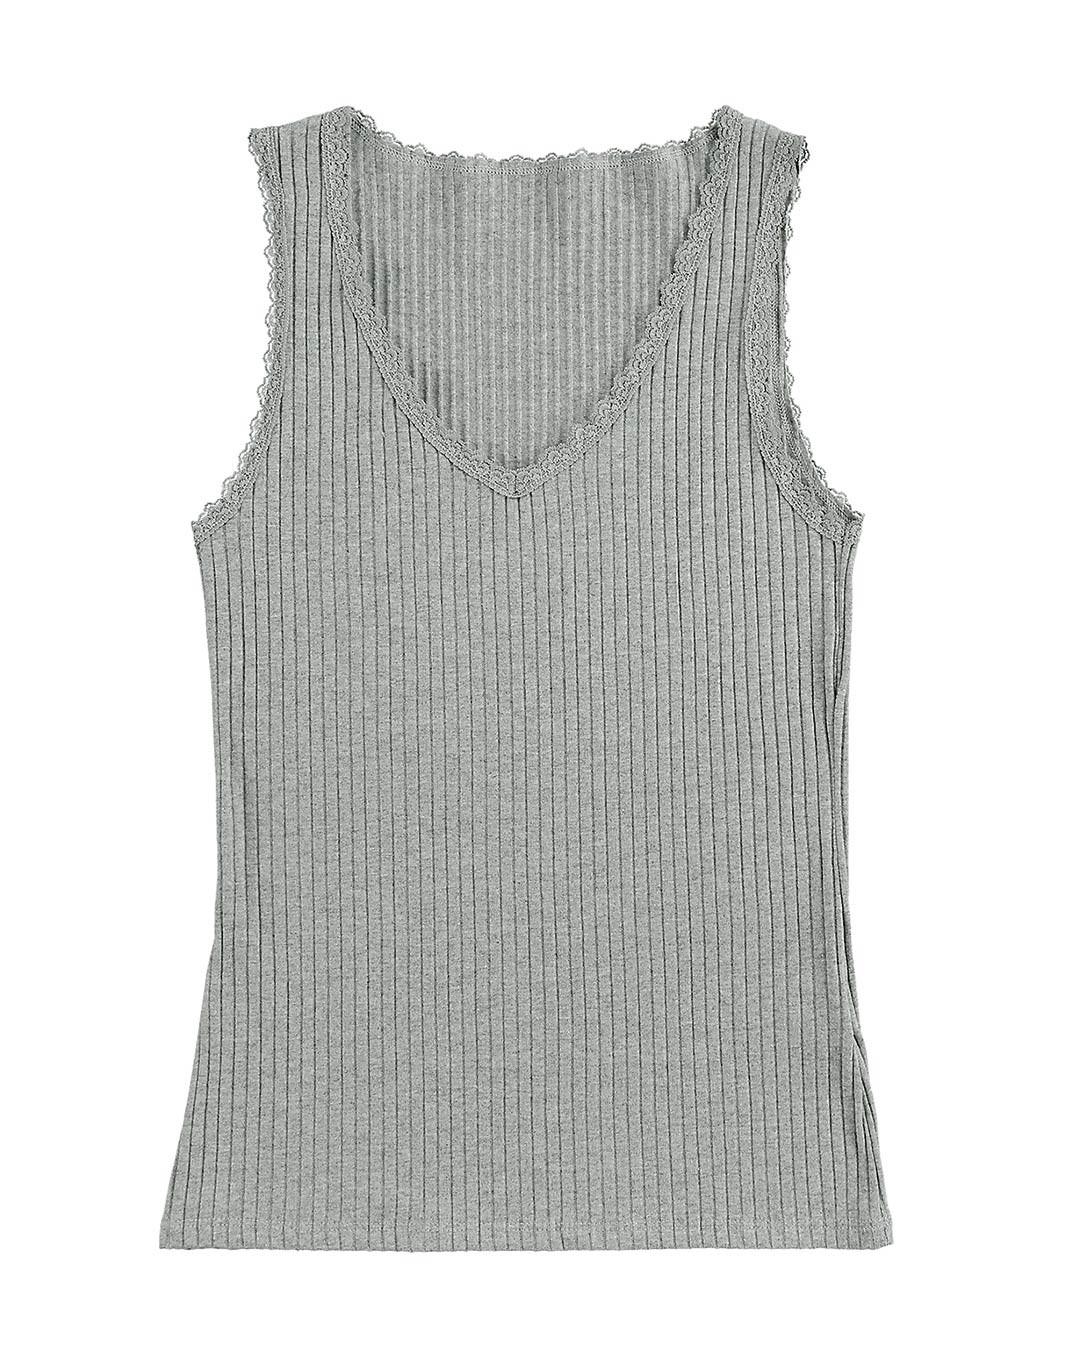 Blusa Feminina Canelada com Decote em U - Lecimar